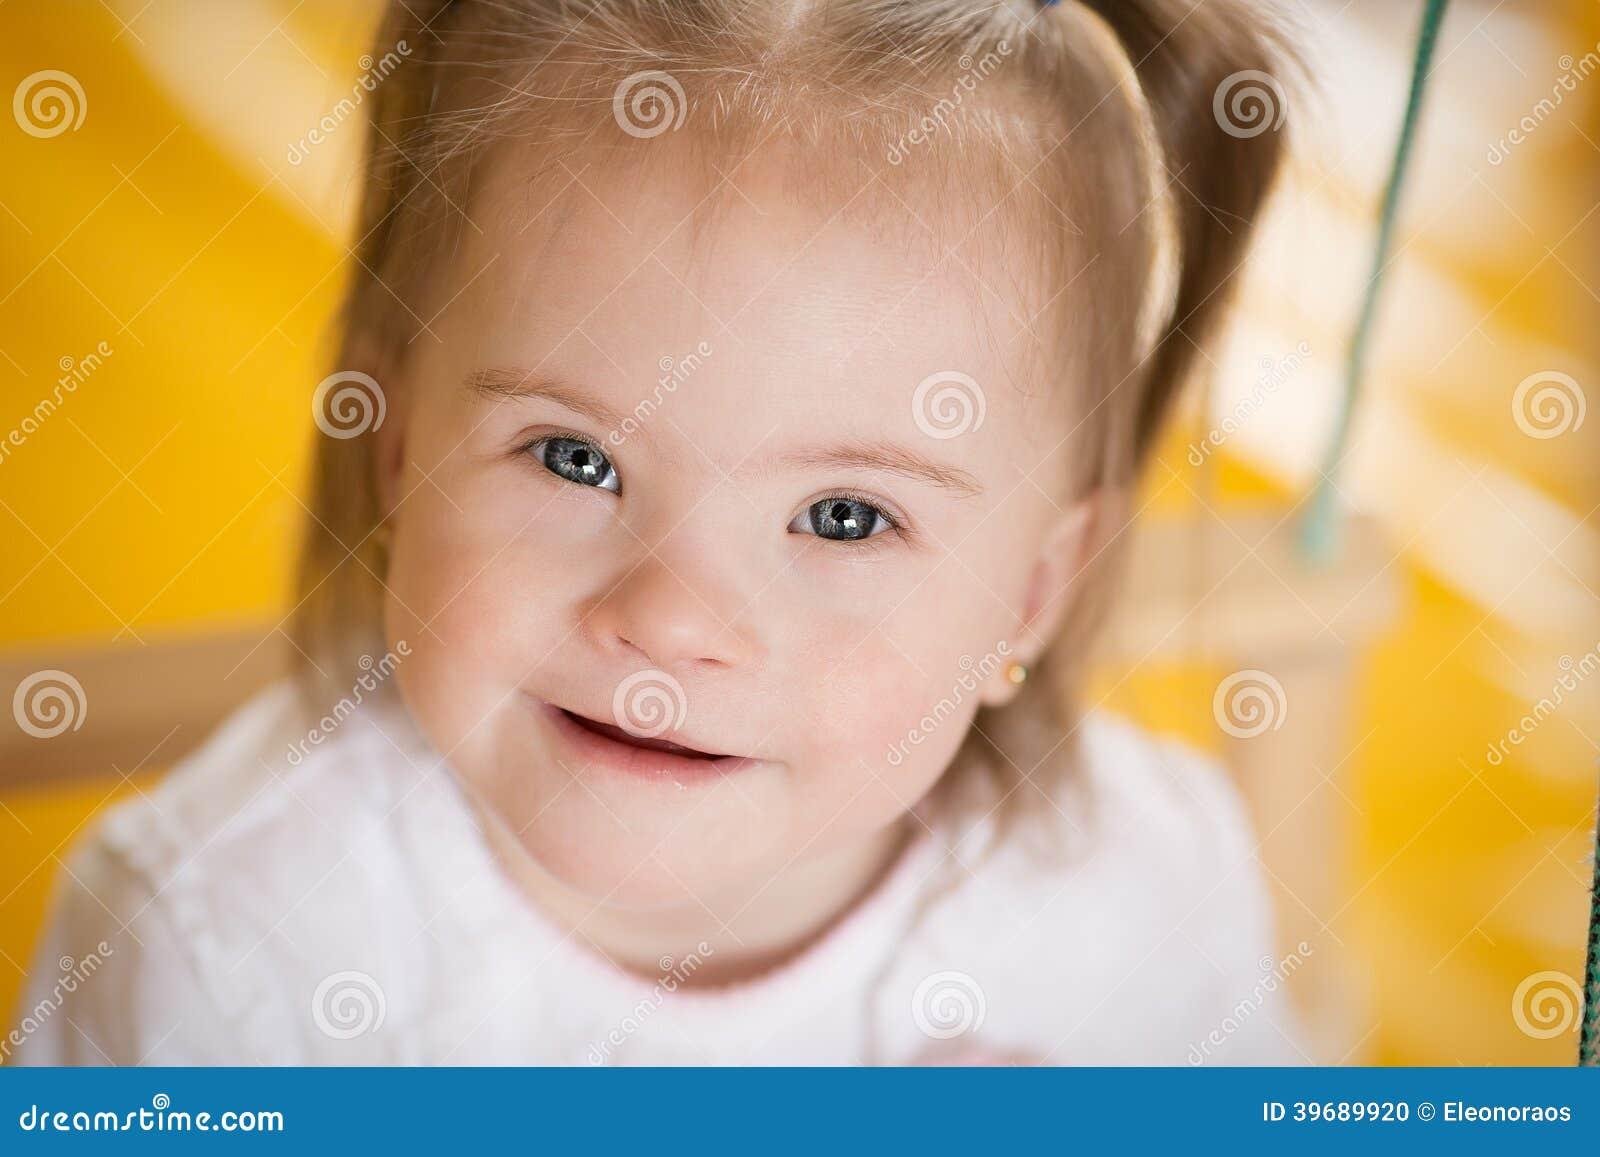 Даун фото маленьких детей